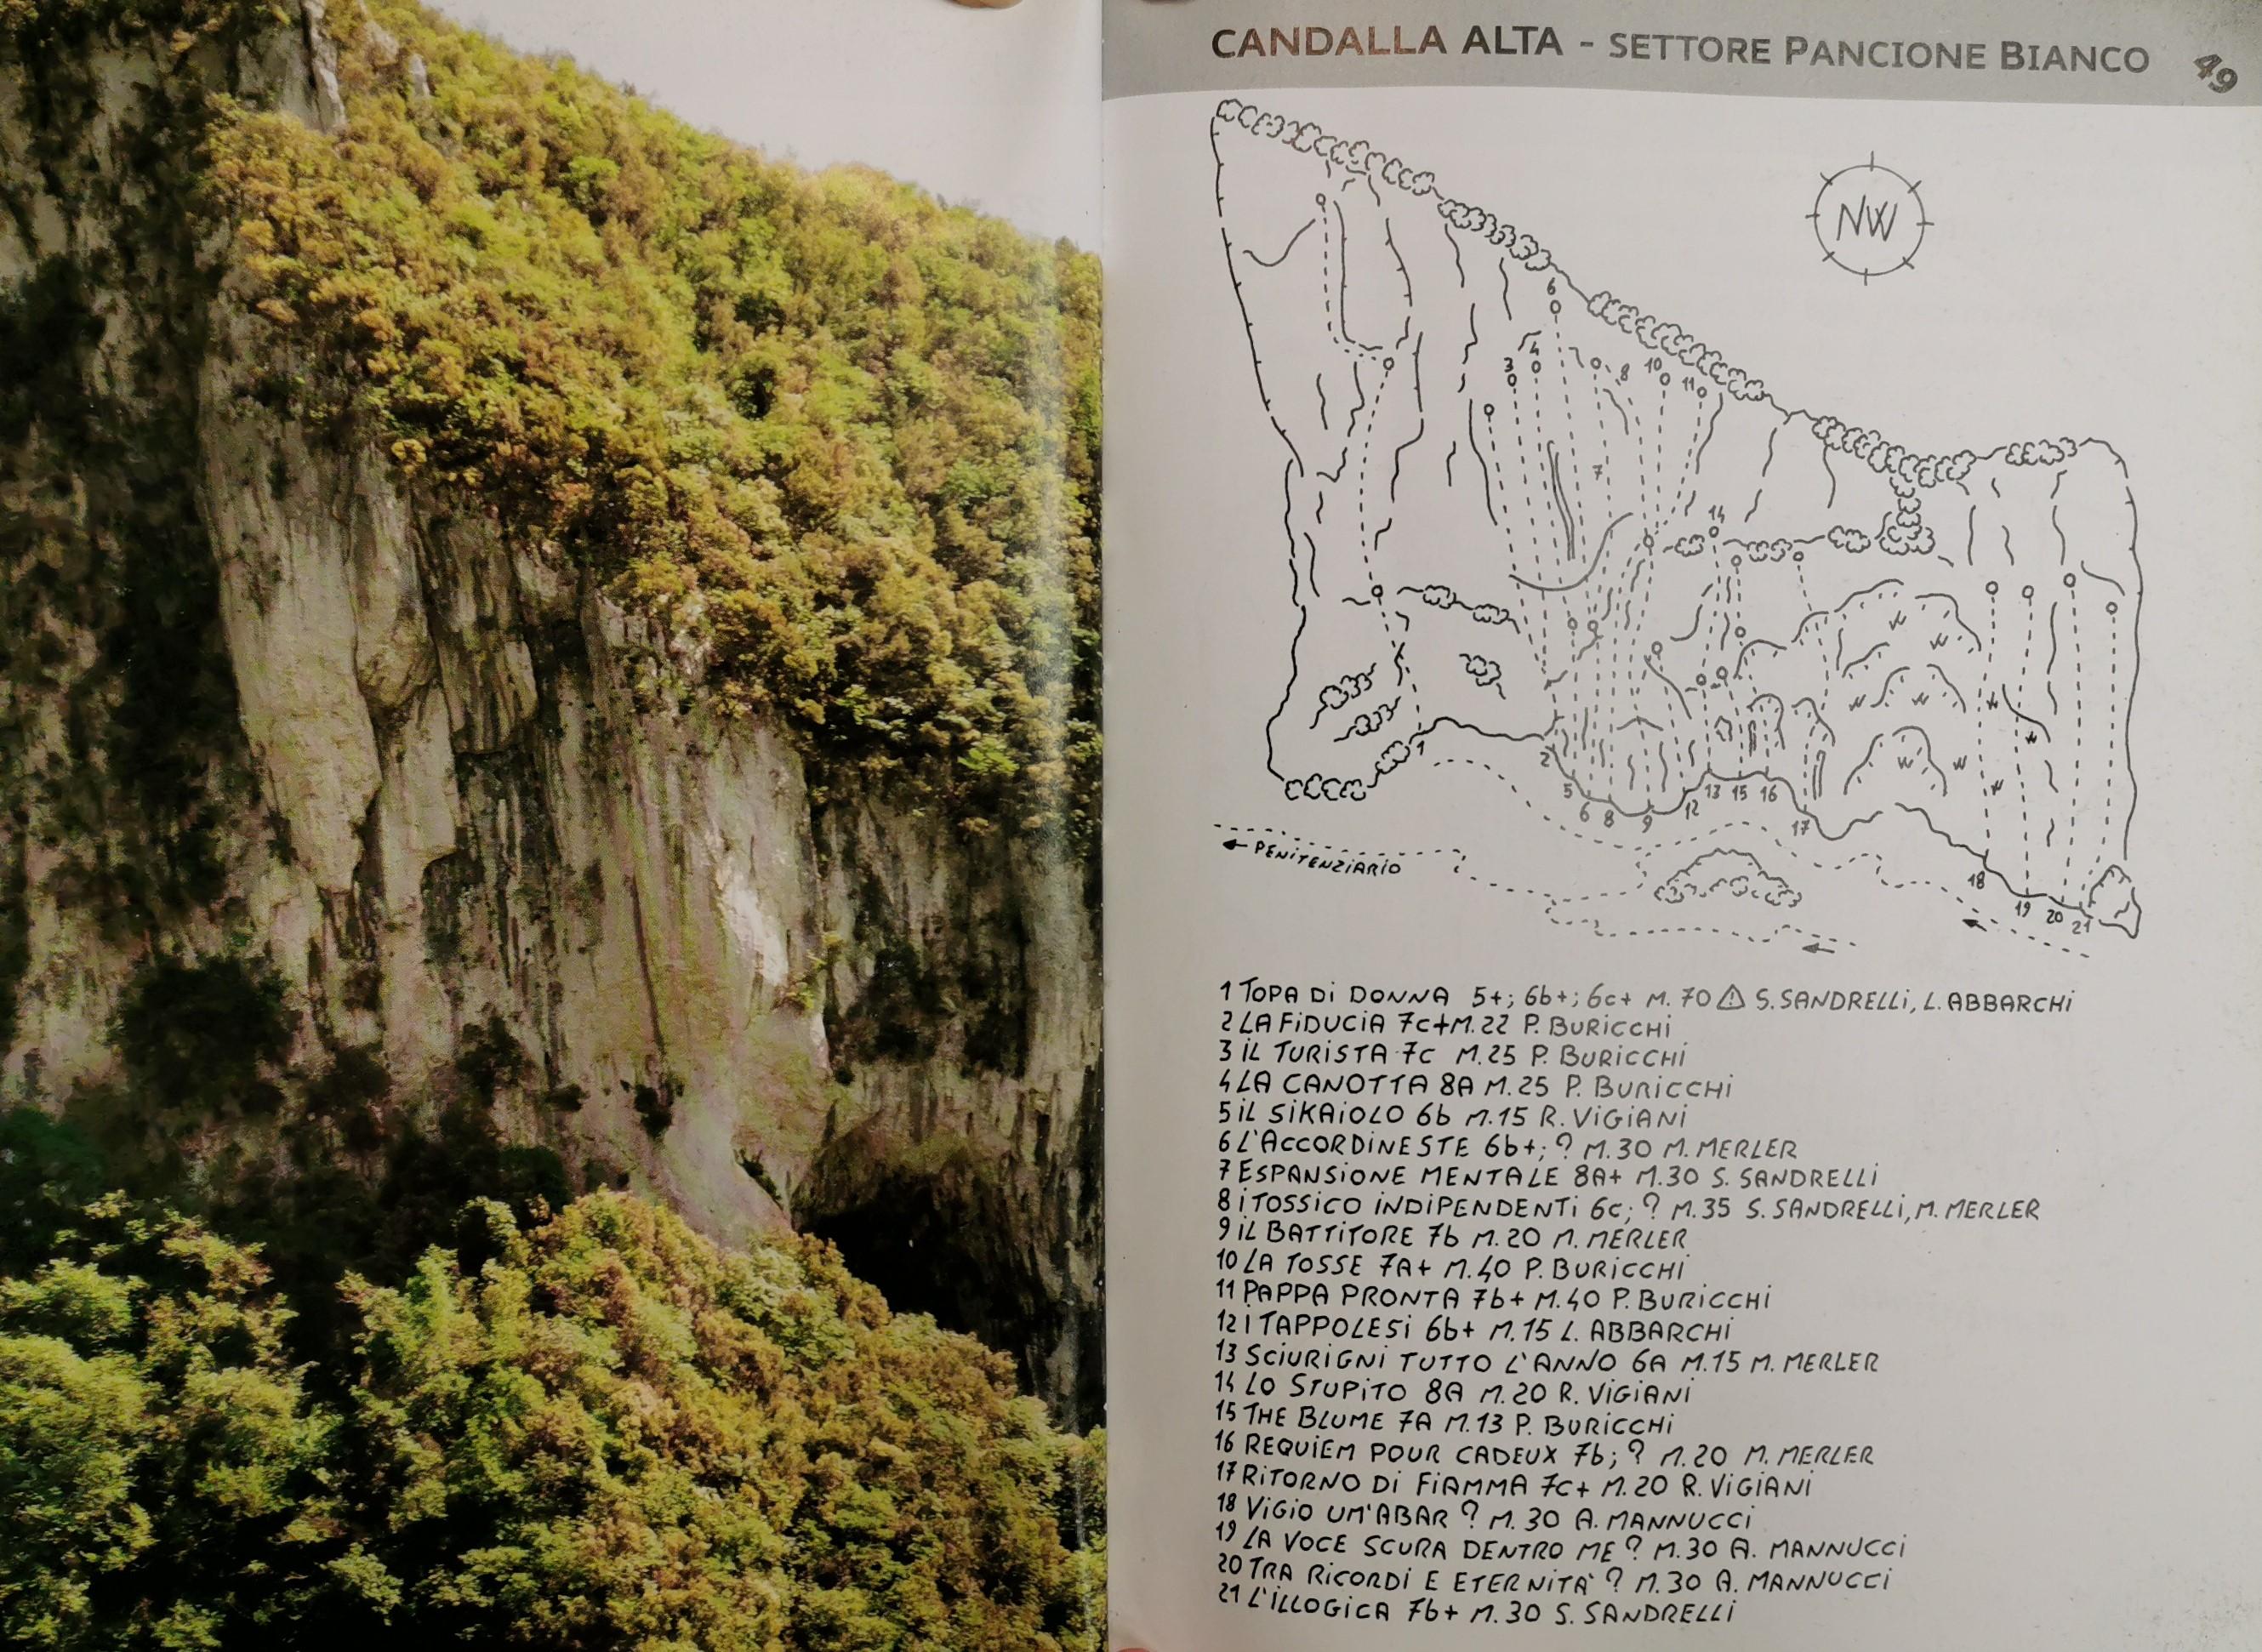 Arrampicata su roccia Camaiore Italia Candalla topos